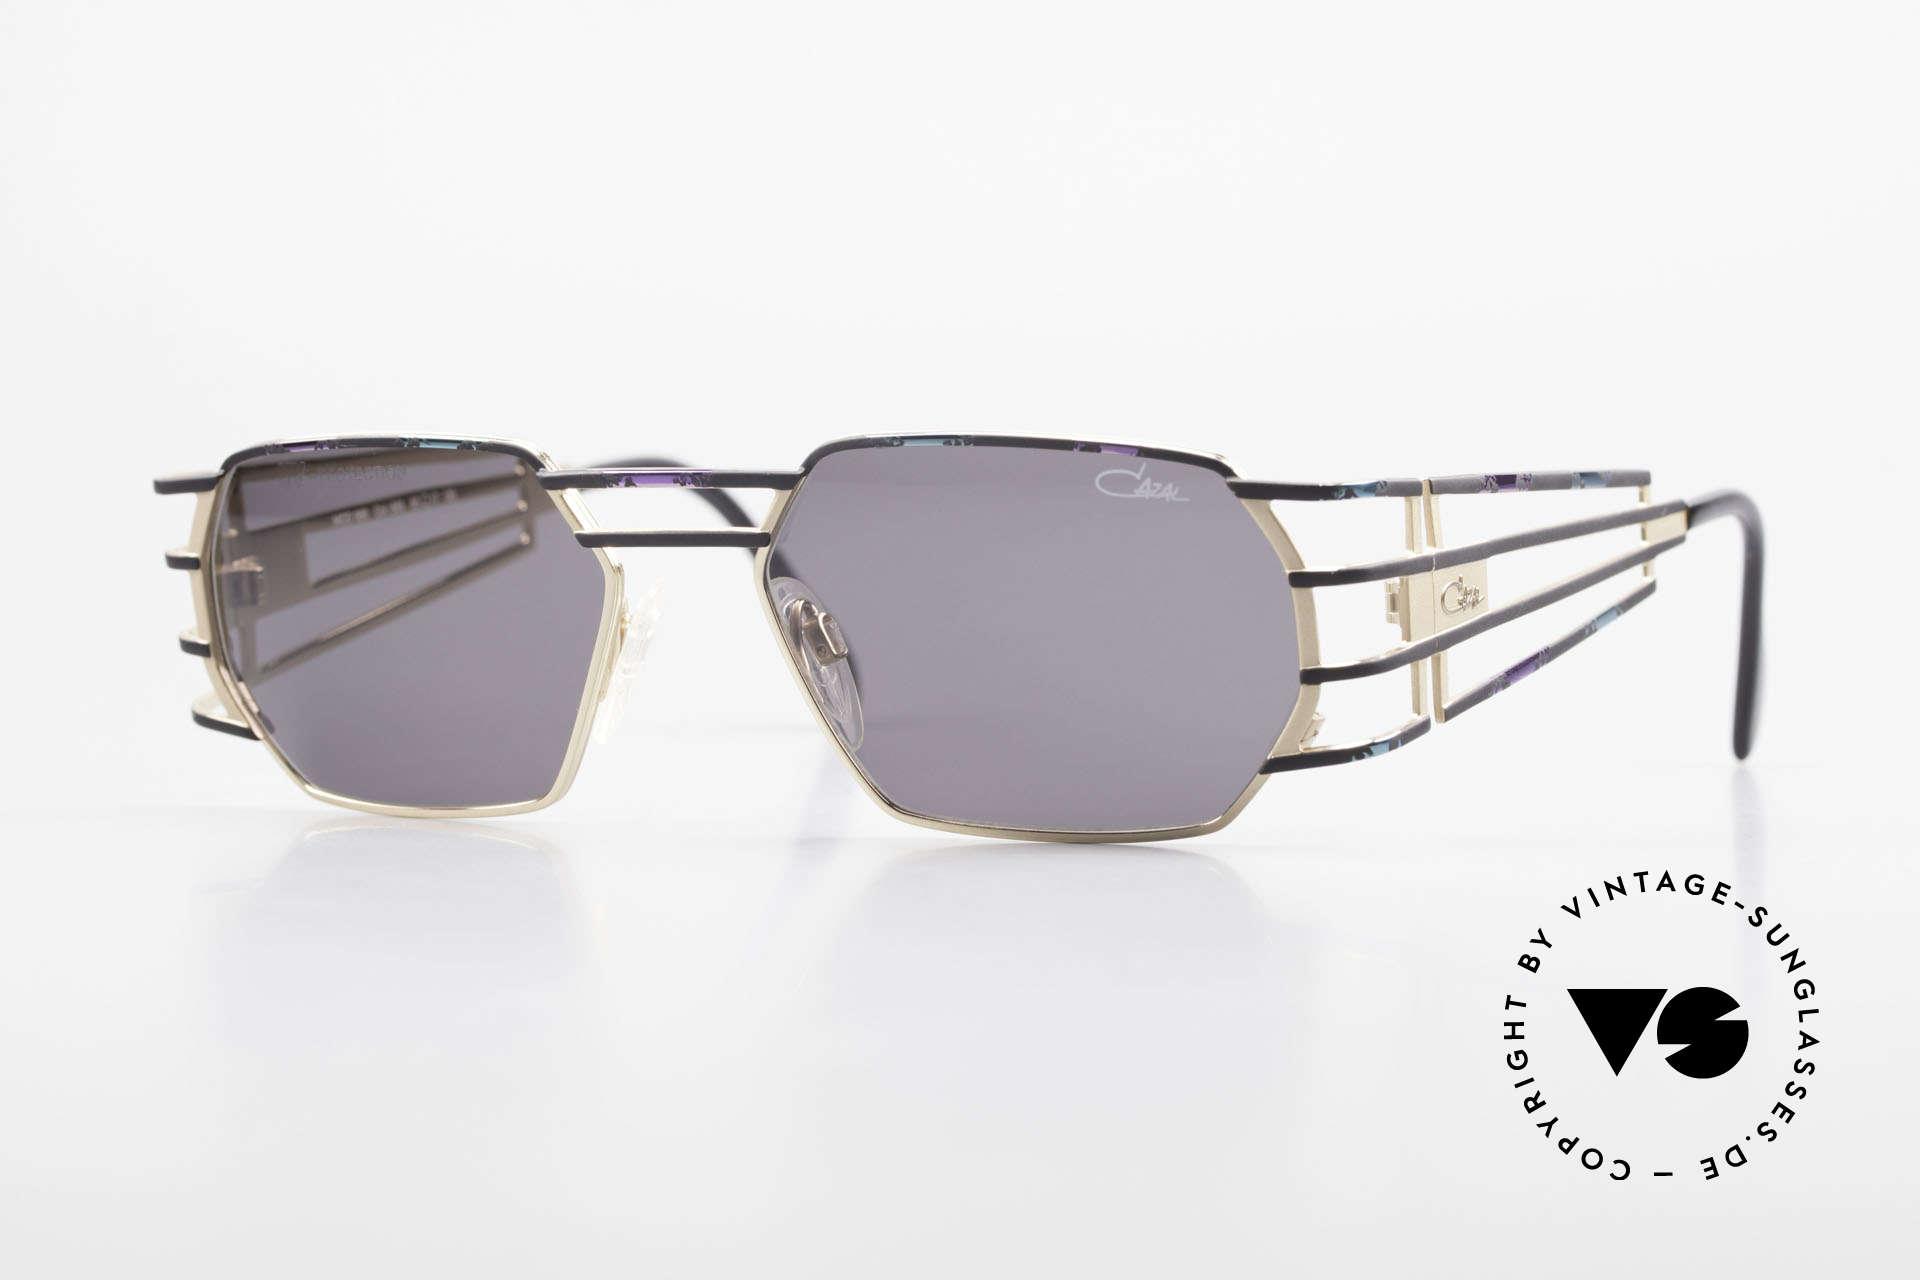 Cazal 980 Markante Vintage Sonnenbrille, futuristische vintage CAZAL Designer-Sonnenbrille, Passend für Herren und Damen